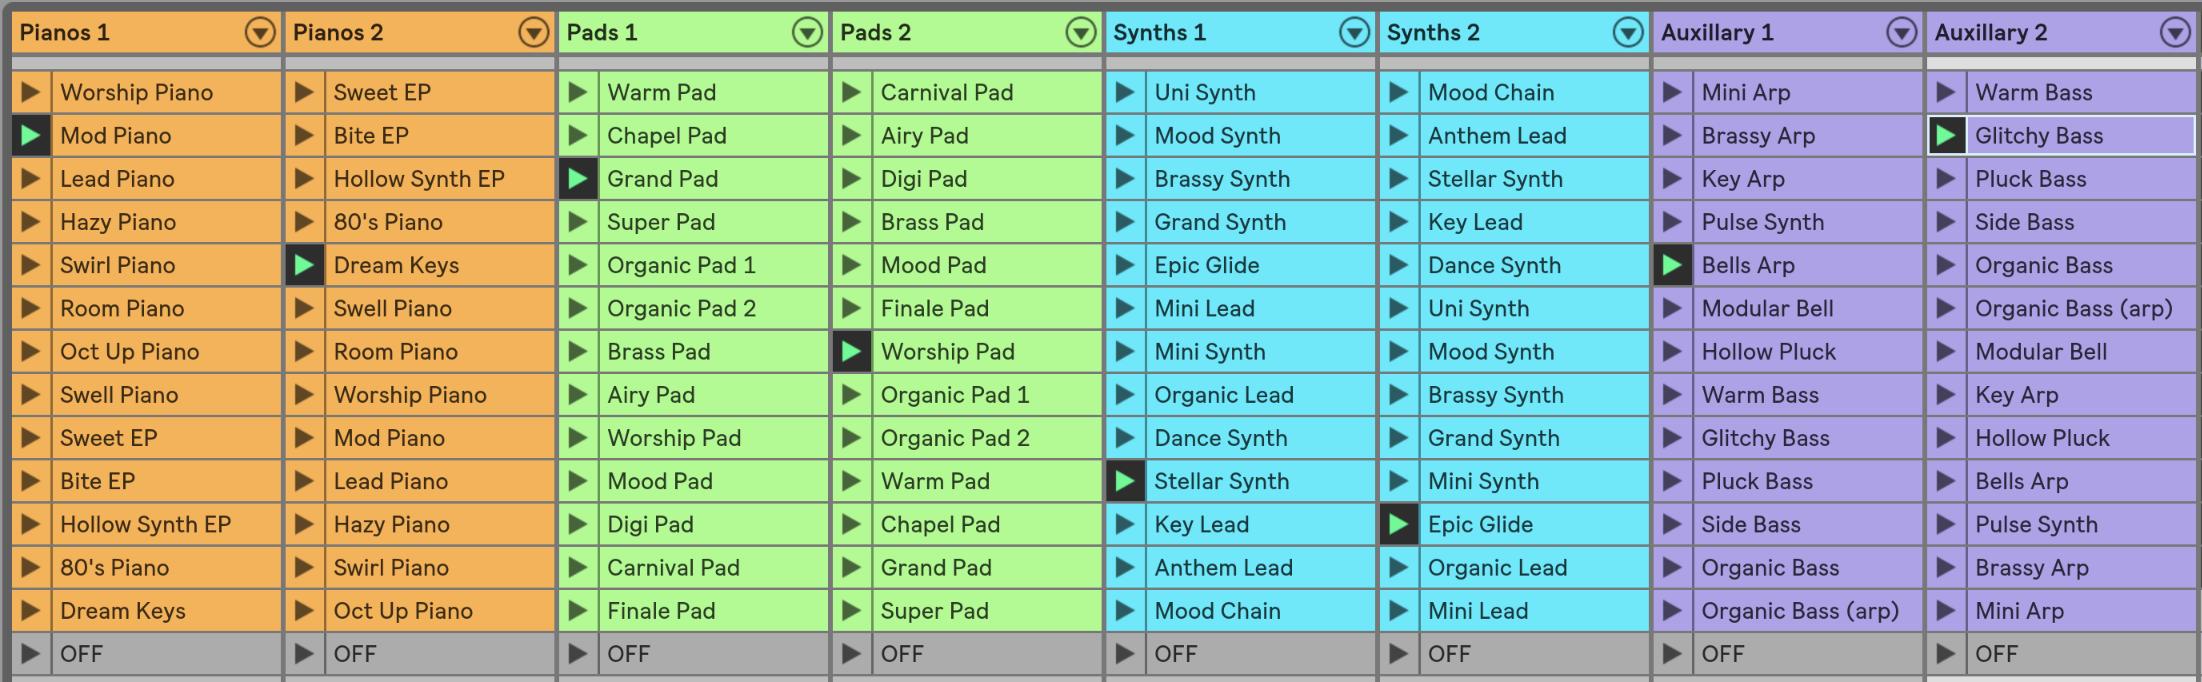 best-ableton-keys-sounds-presets-worship.png